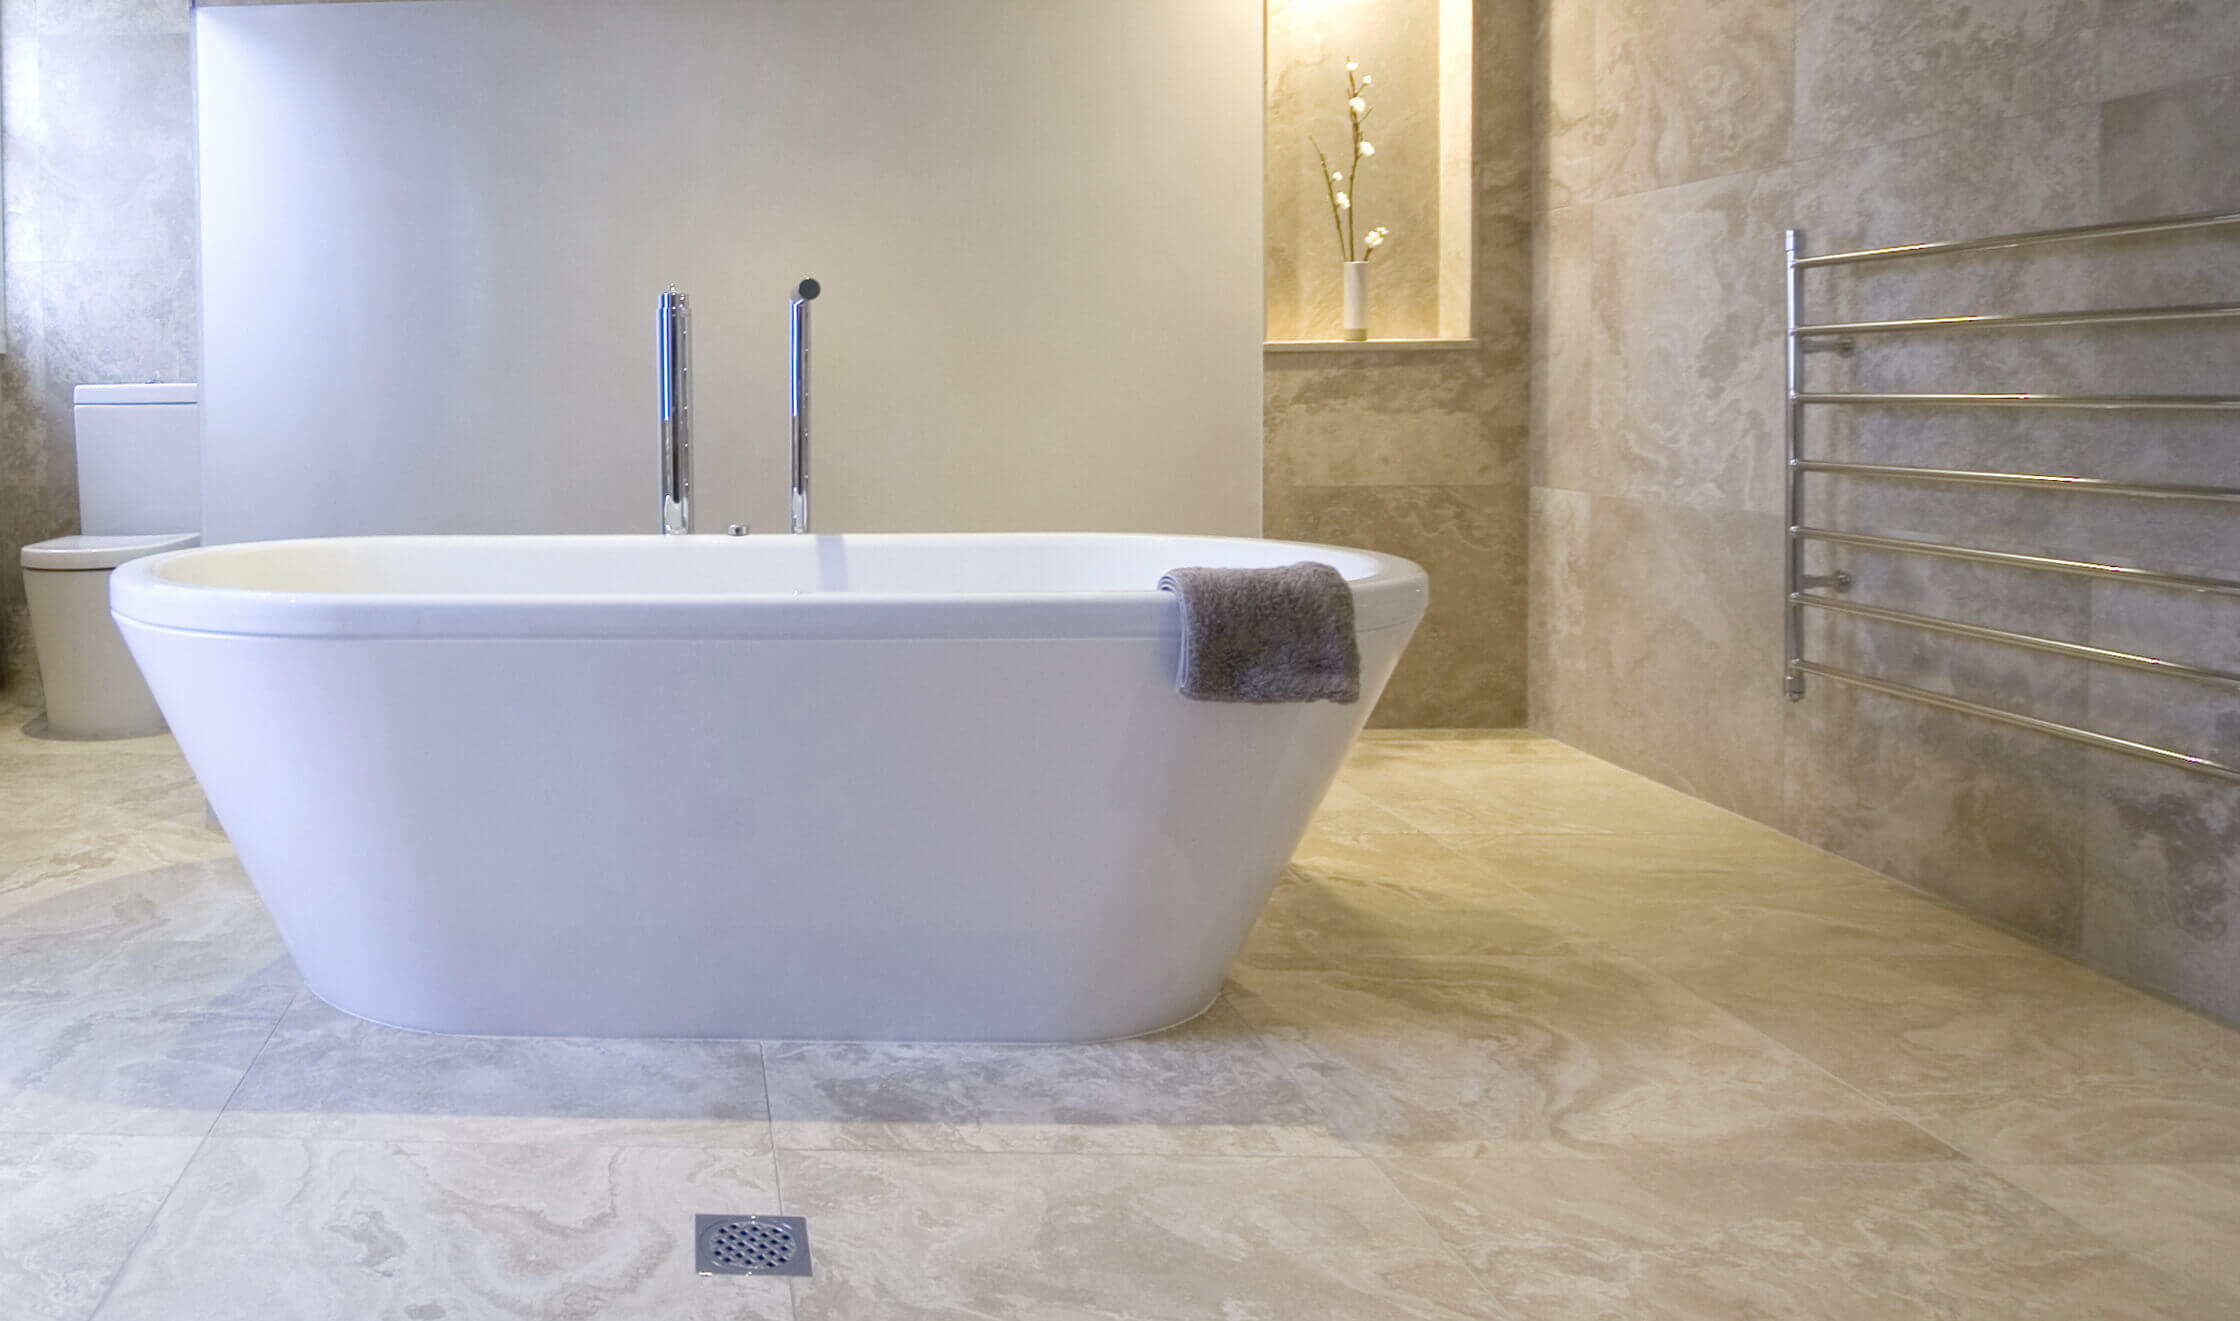 pavimenti e rivestimenti SVAI_marmo bagno moderno